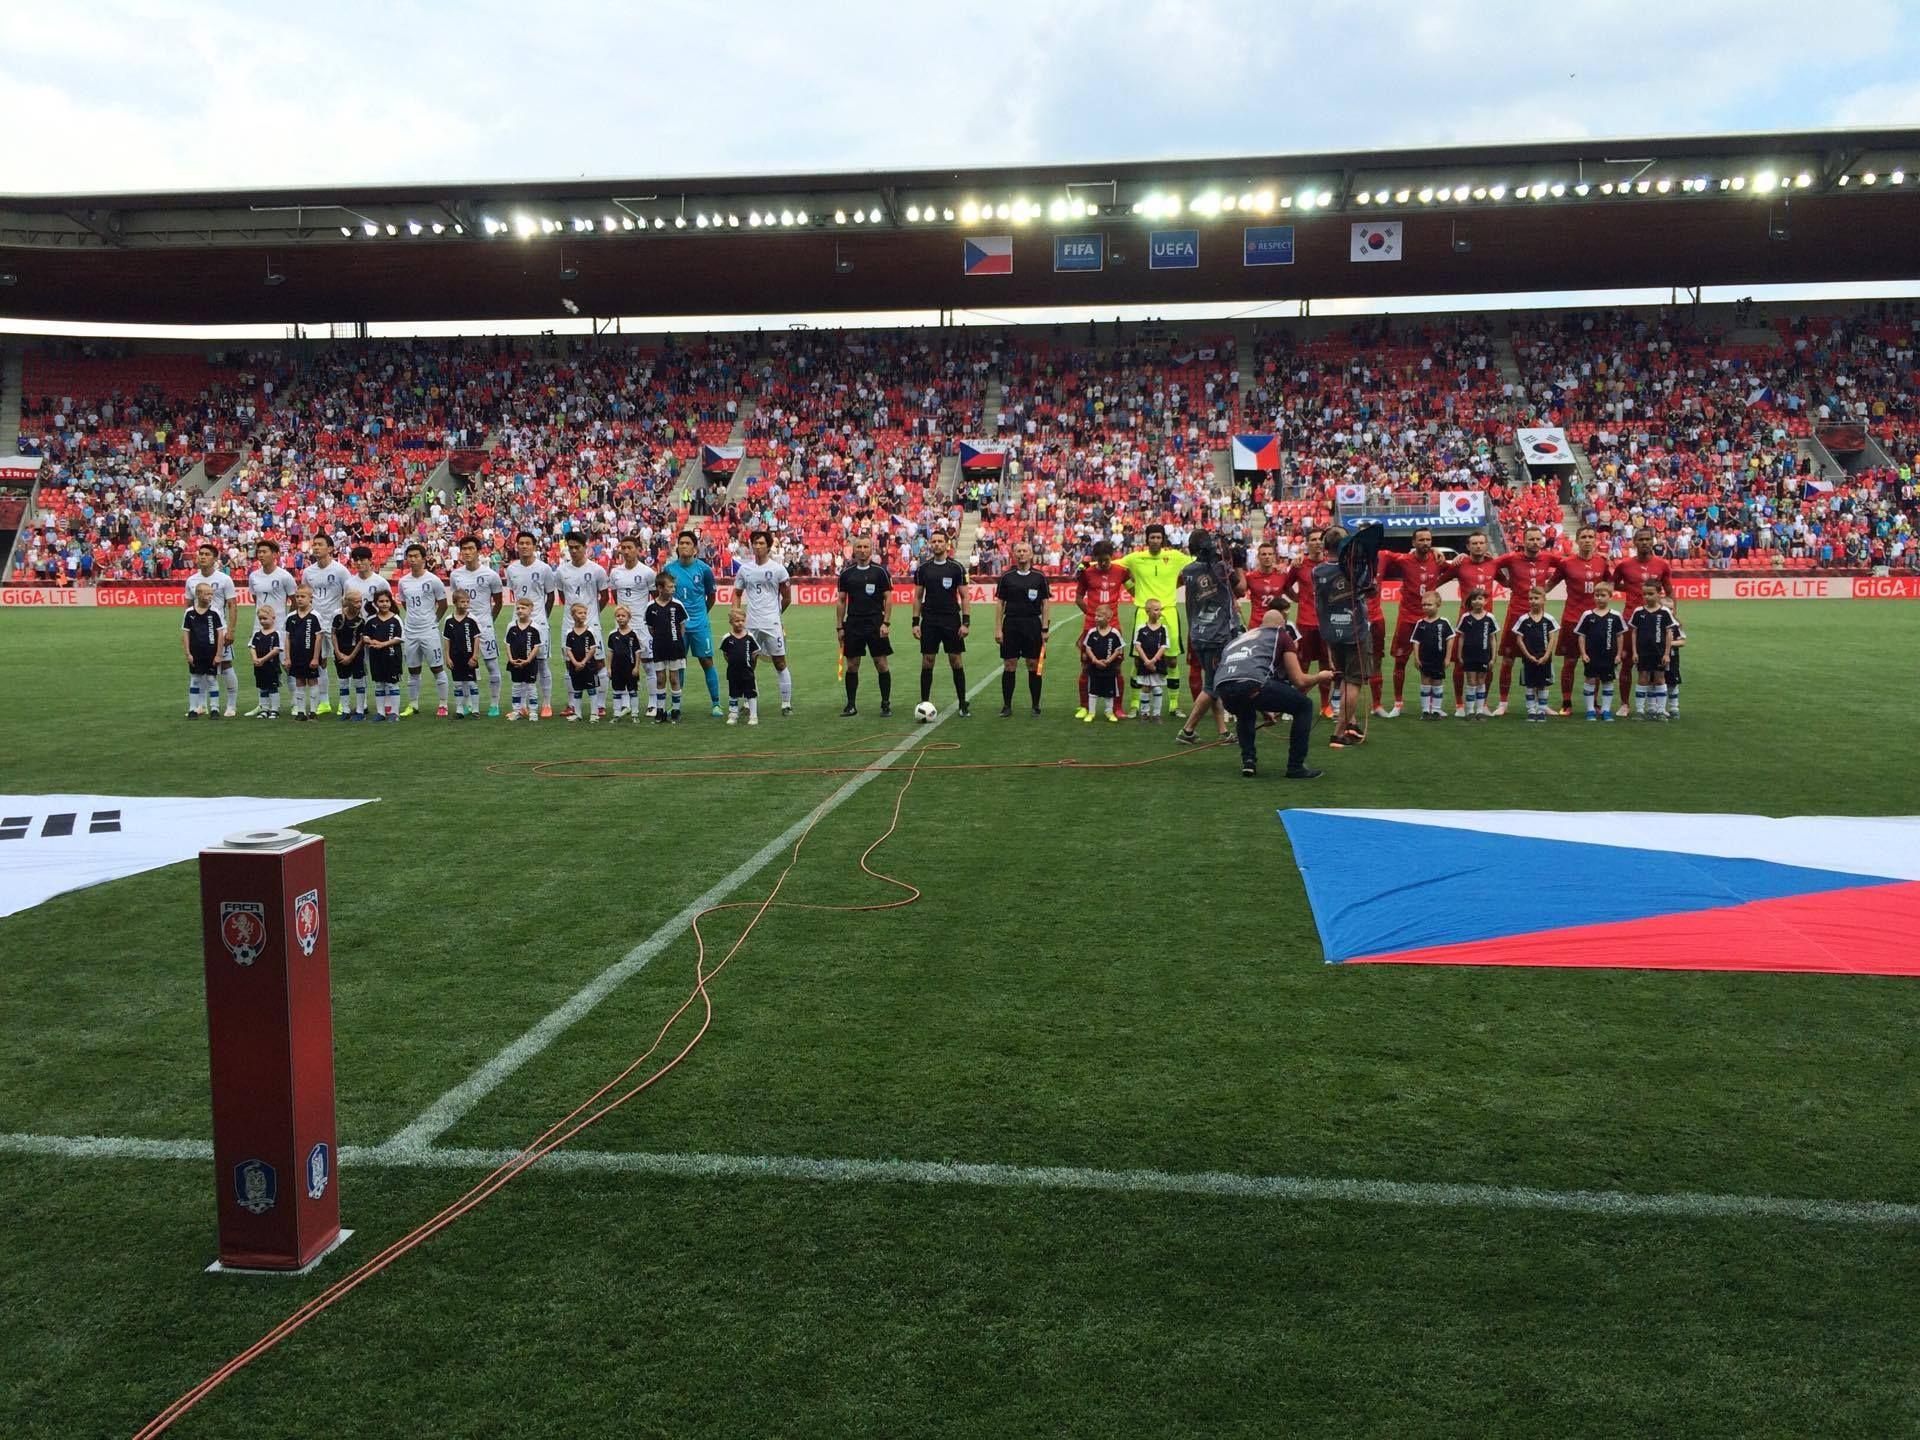 Mit Vladimir Darida in der Startelf liegt Tschechien zur Pause gegen Südkorea 0:2 hinten... #hahohe https://t.co/VppogXmq90